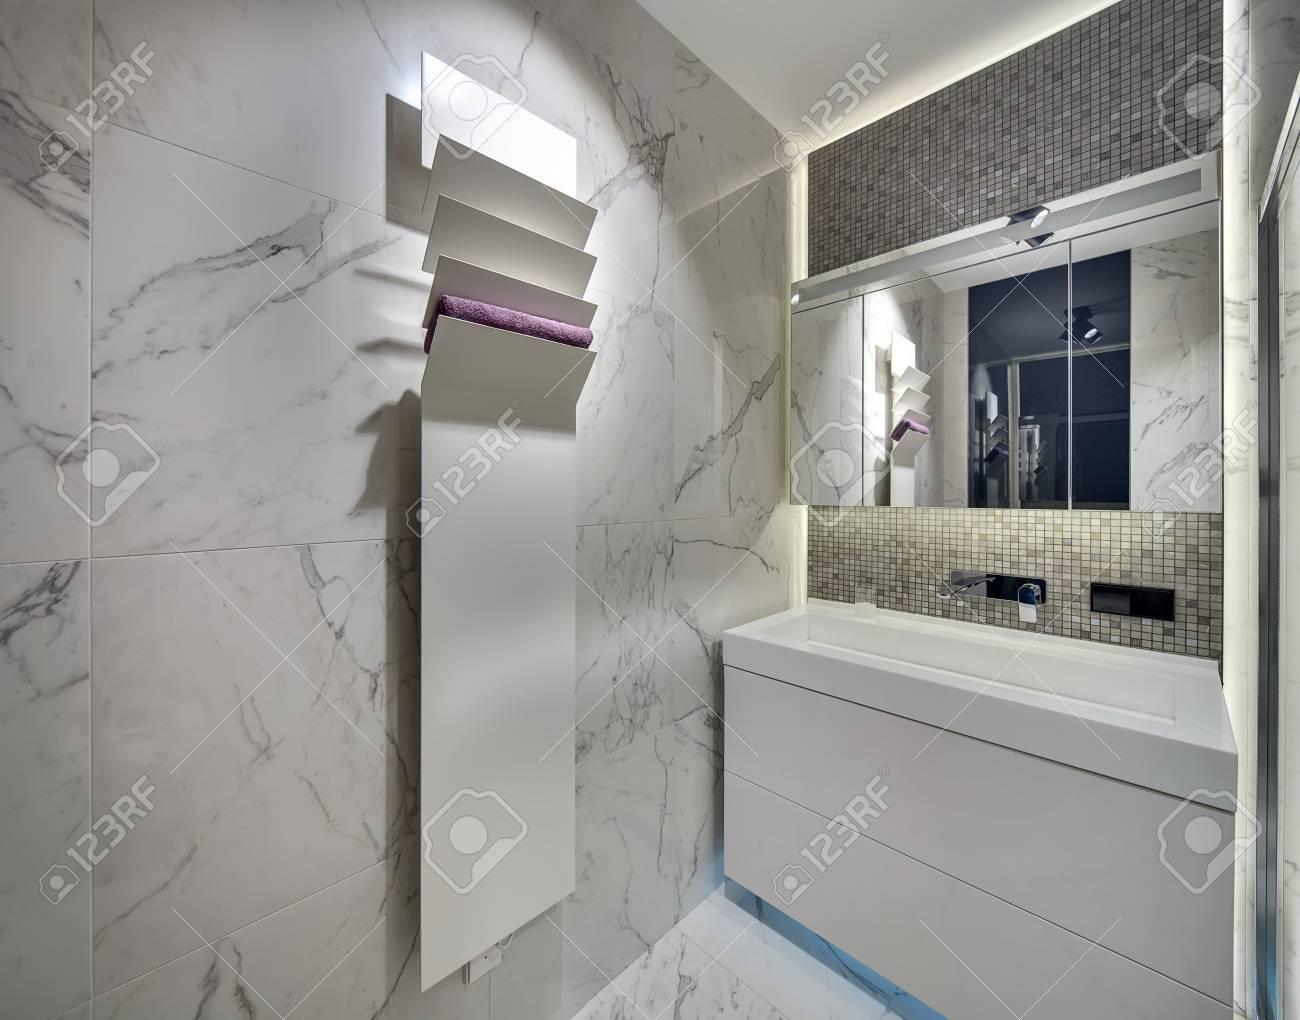 Bagno moderno con piastrelle chiare sulle pareti e sul pavimento